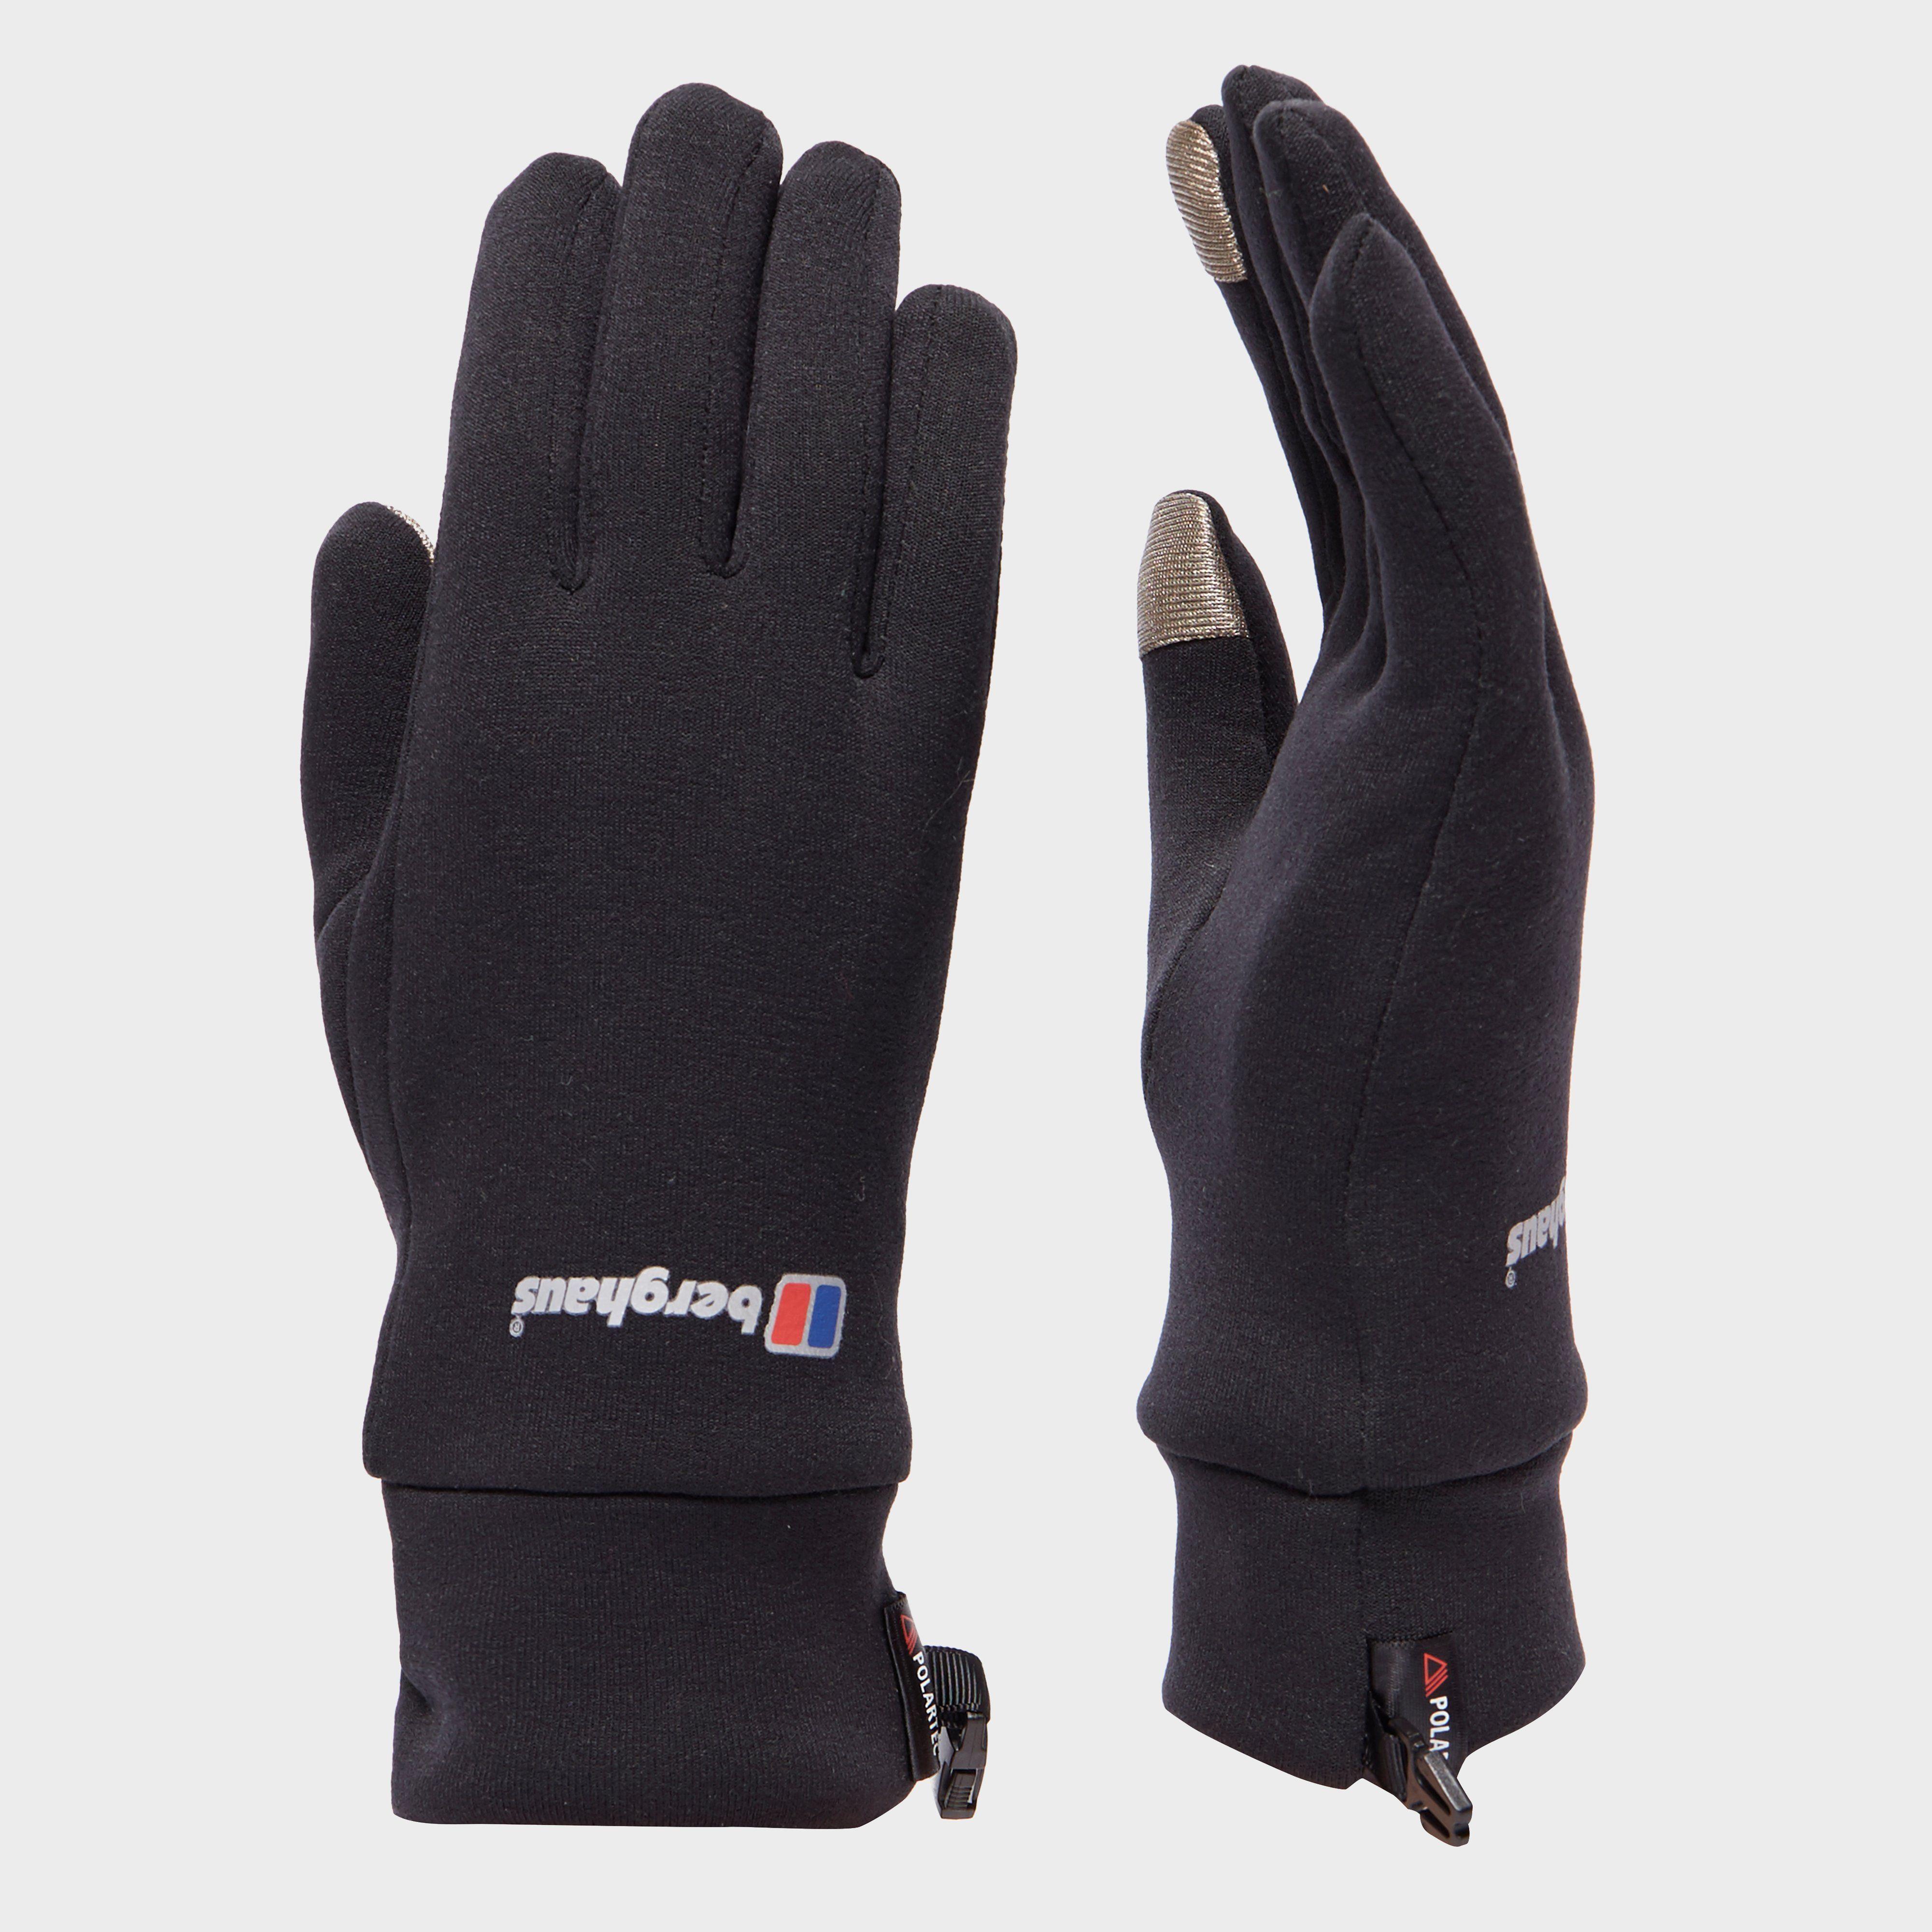 BERGHAUS Men's Touchscreen Gloves